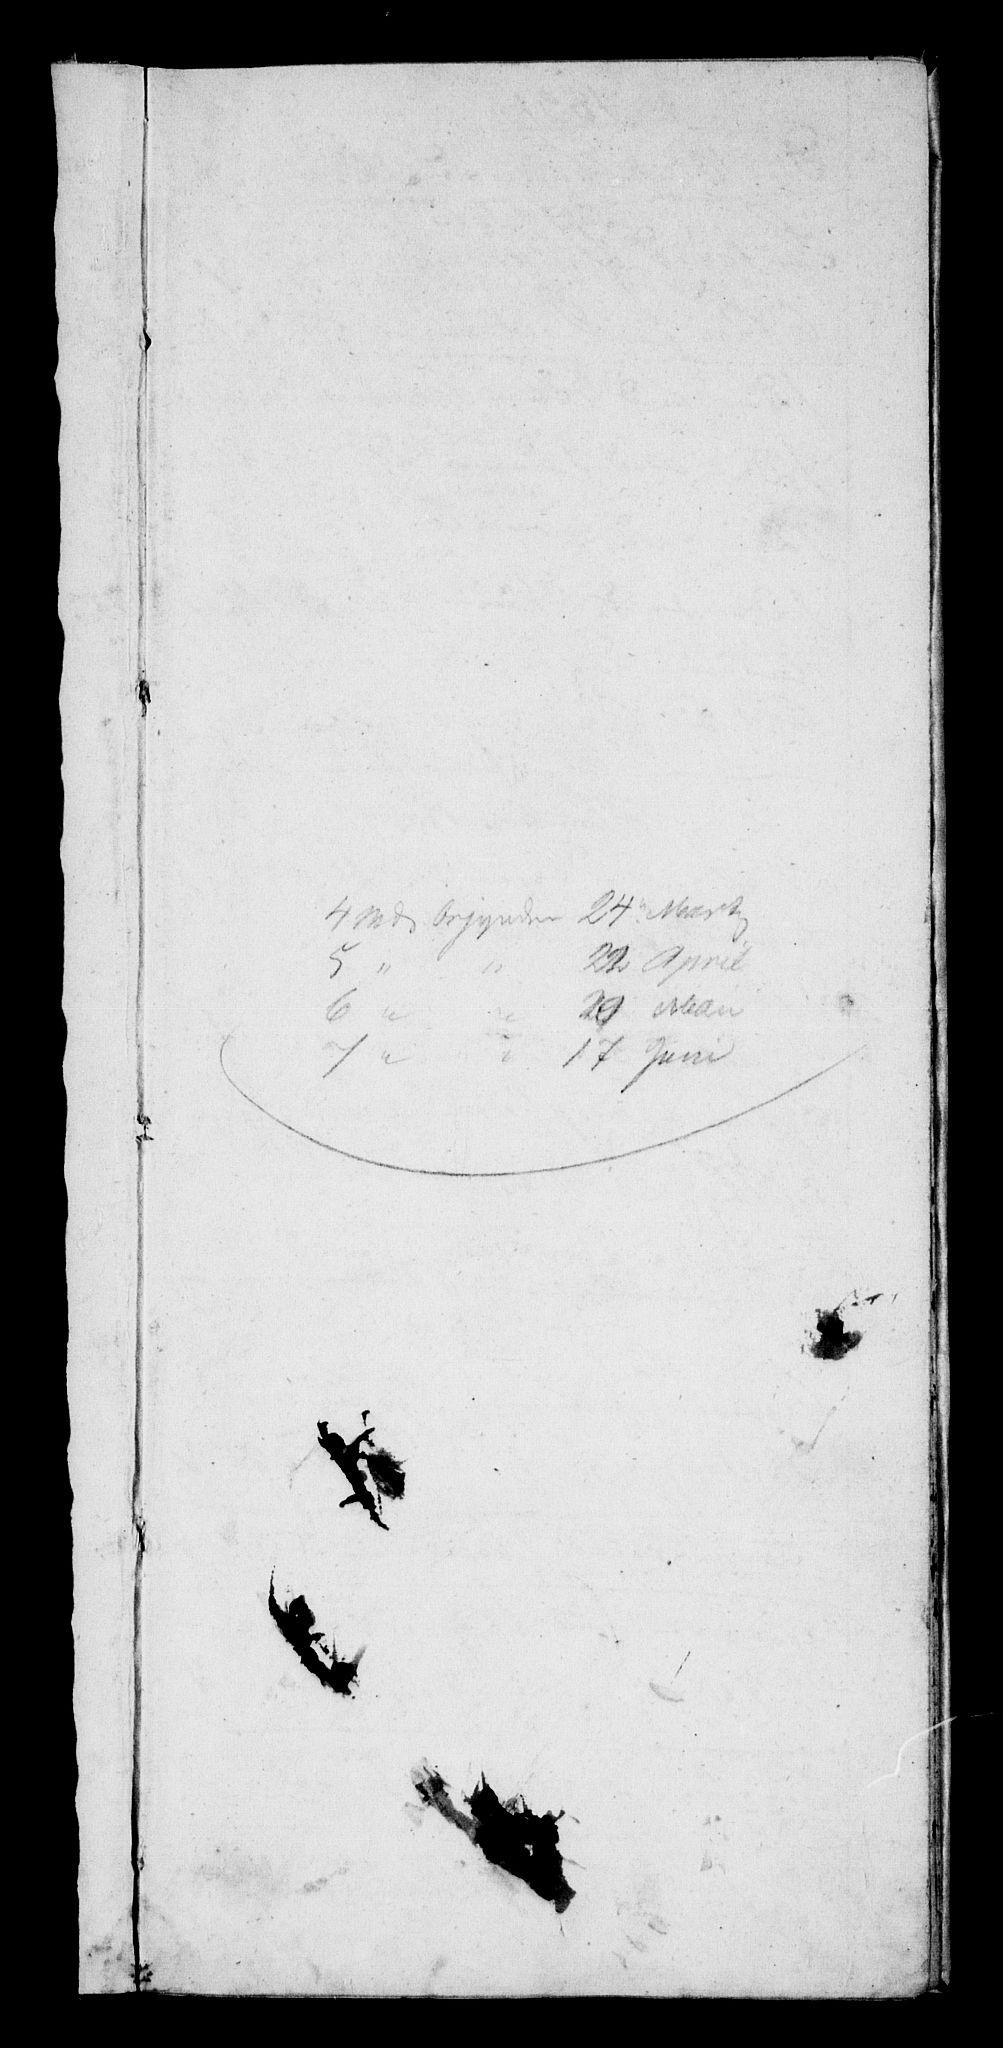 RA, Modums Blaafarveværk, G/Gd/Gdb/L0199: Annotations Bog, Dagbok over inn- og utgående materiale, 1831-1833, s. 2